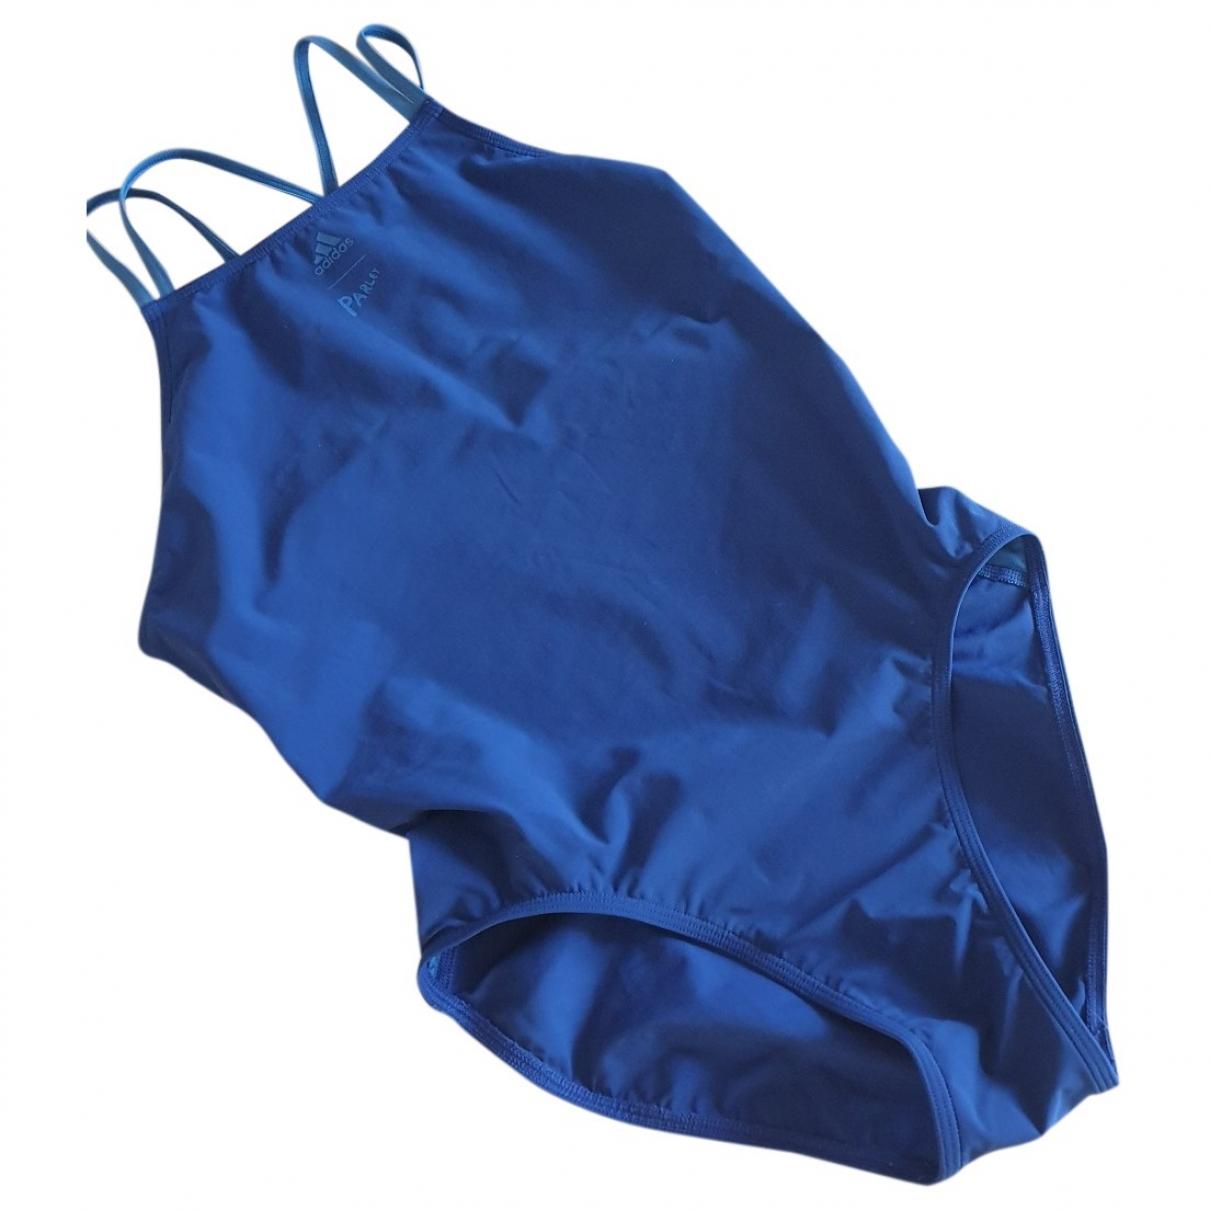 Adidas \N Blue Swimwear for Women 38 FR